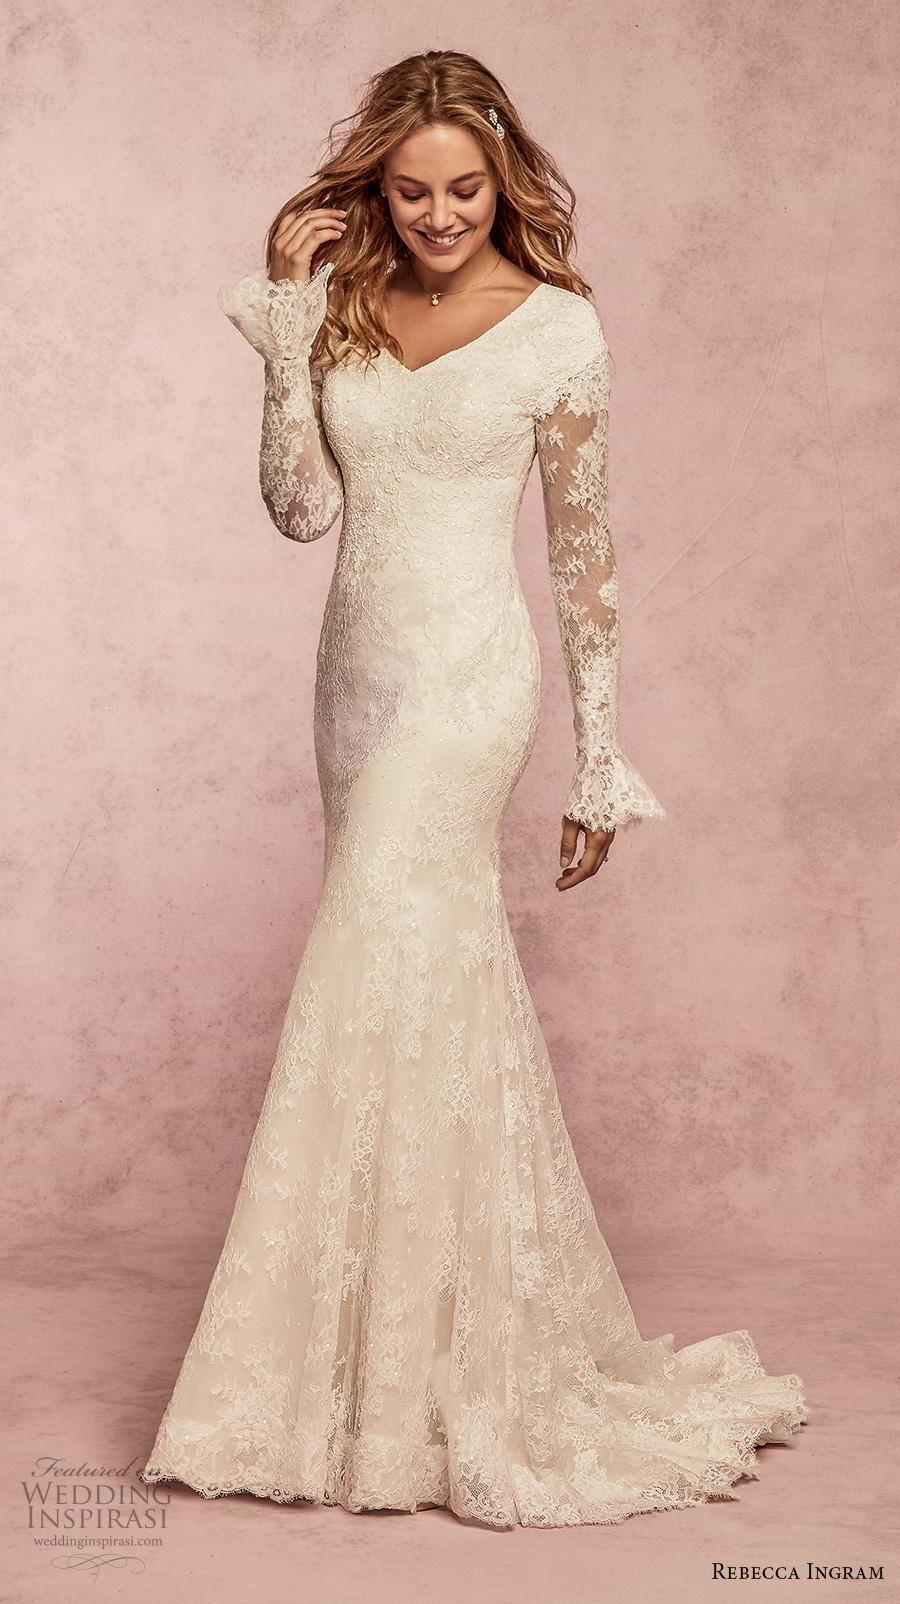 rebecca ingram s2019 bridal long poet sleeves v neck full embellishment elegant modest fit and flare wedding dress covered back sweep train (13) mv